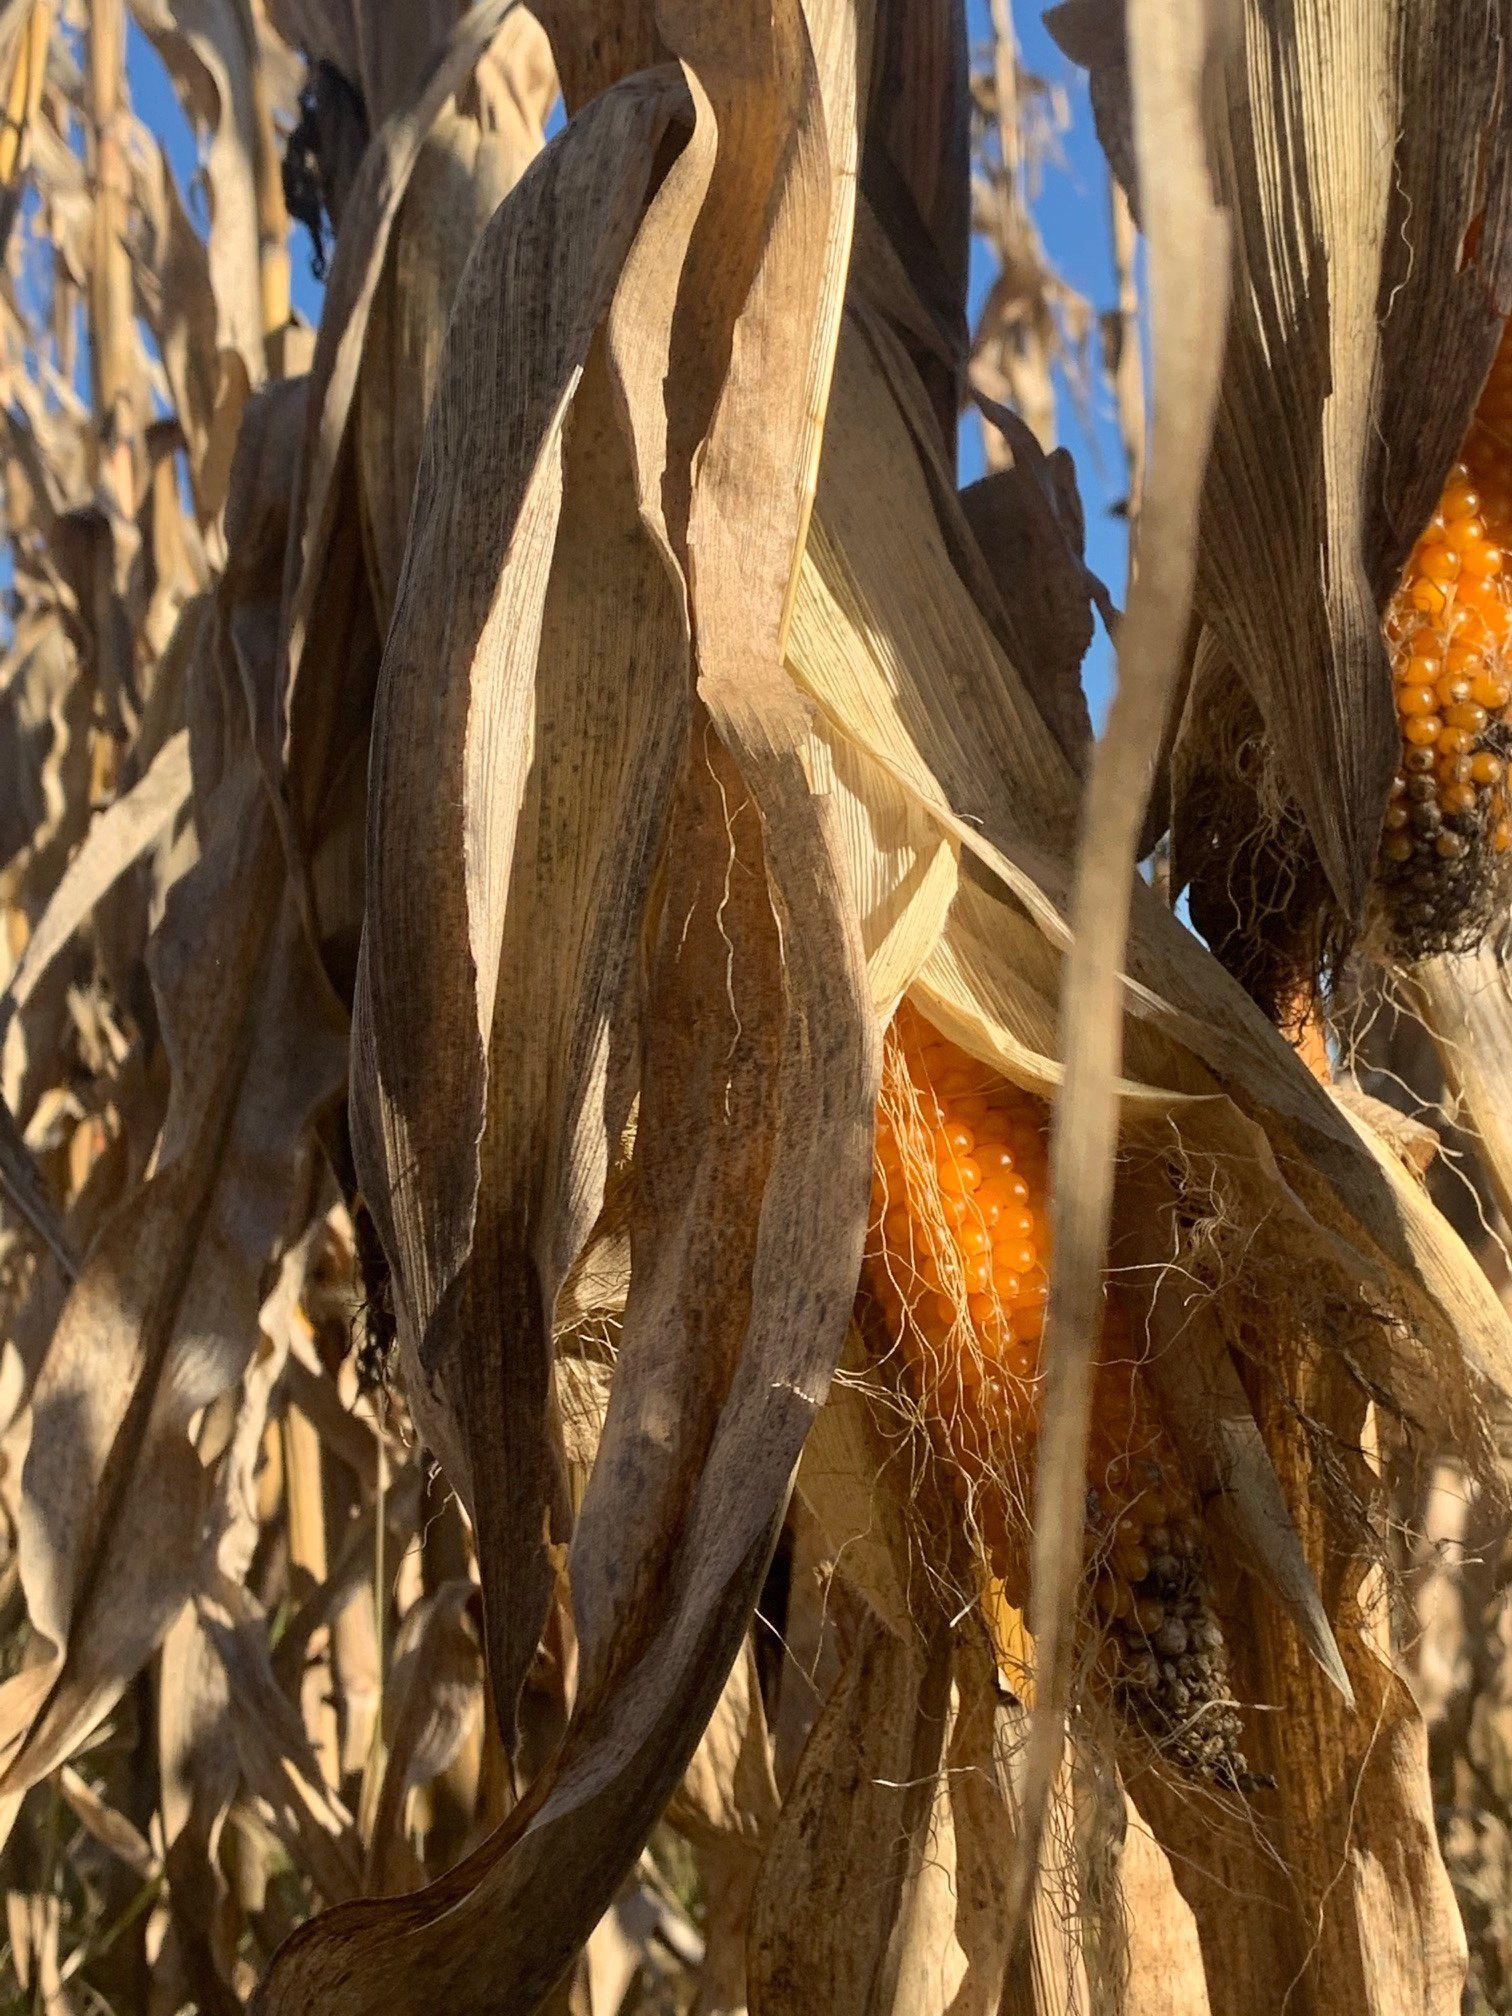 Farmer John Writes: Still Growing